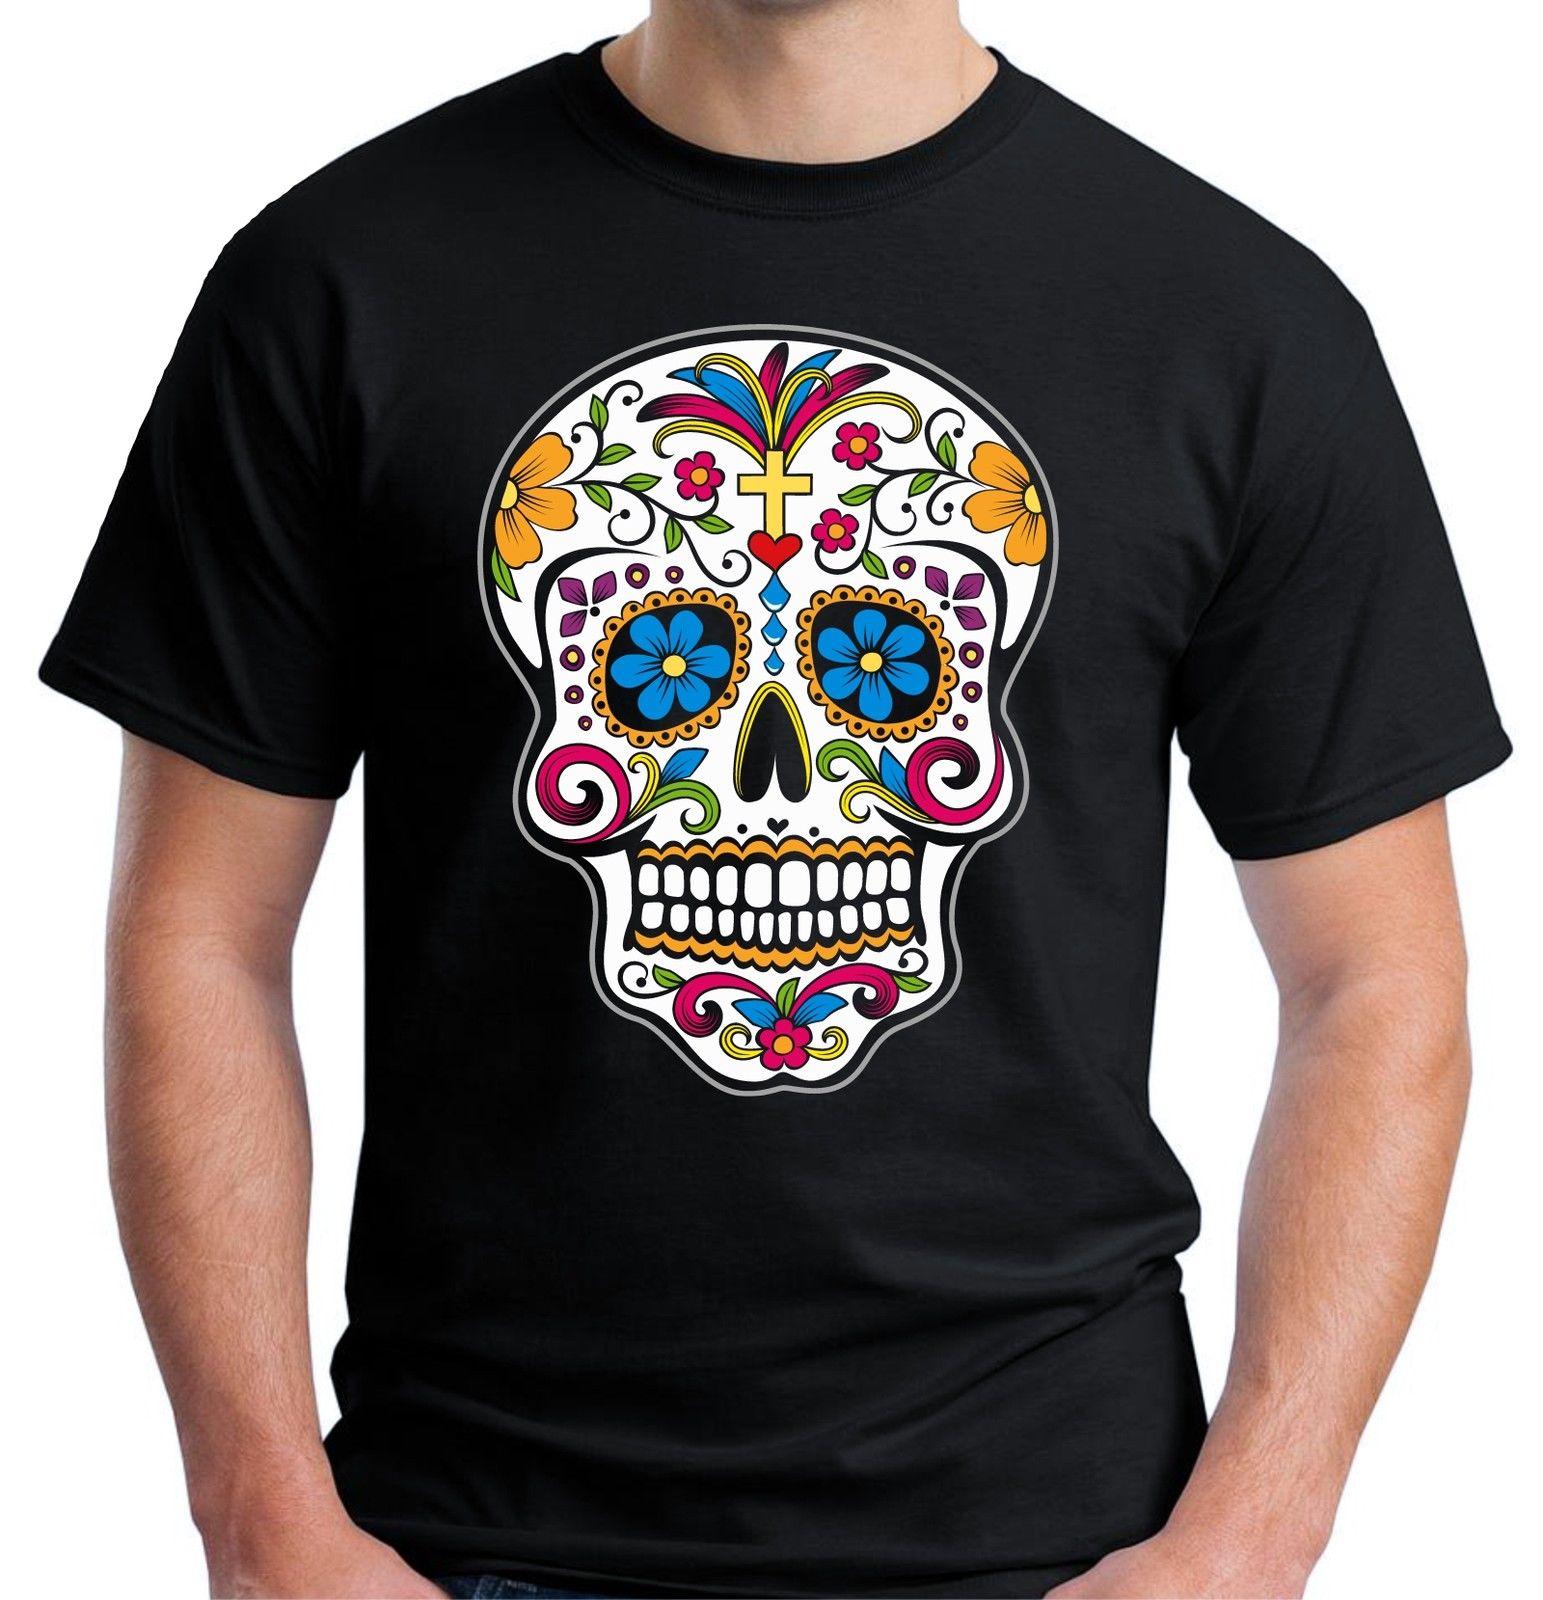 Estilo Del Tatuaje Camisetas - Compra lotes baratos de